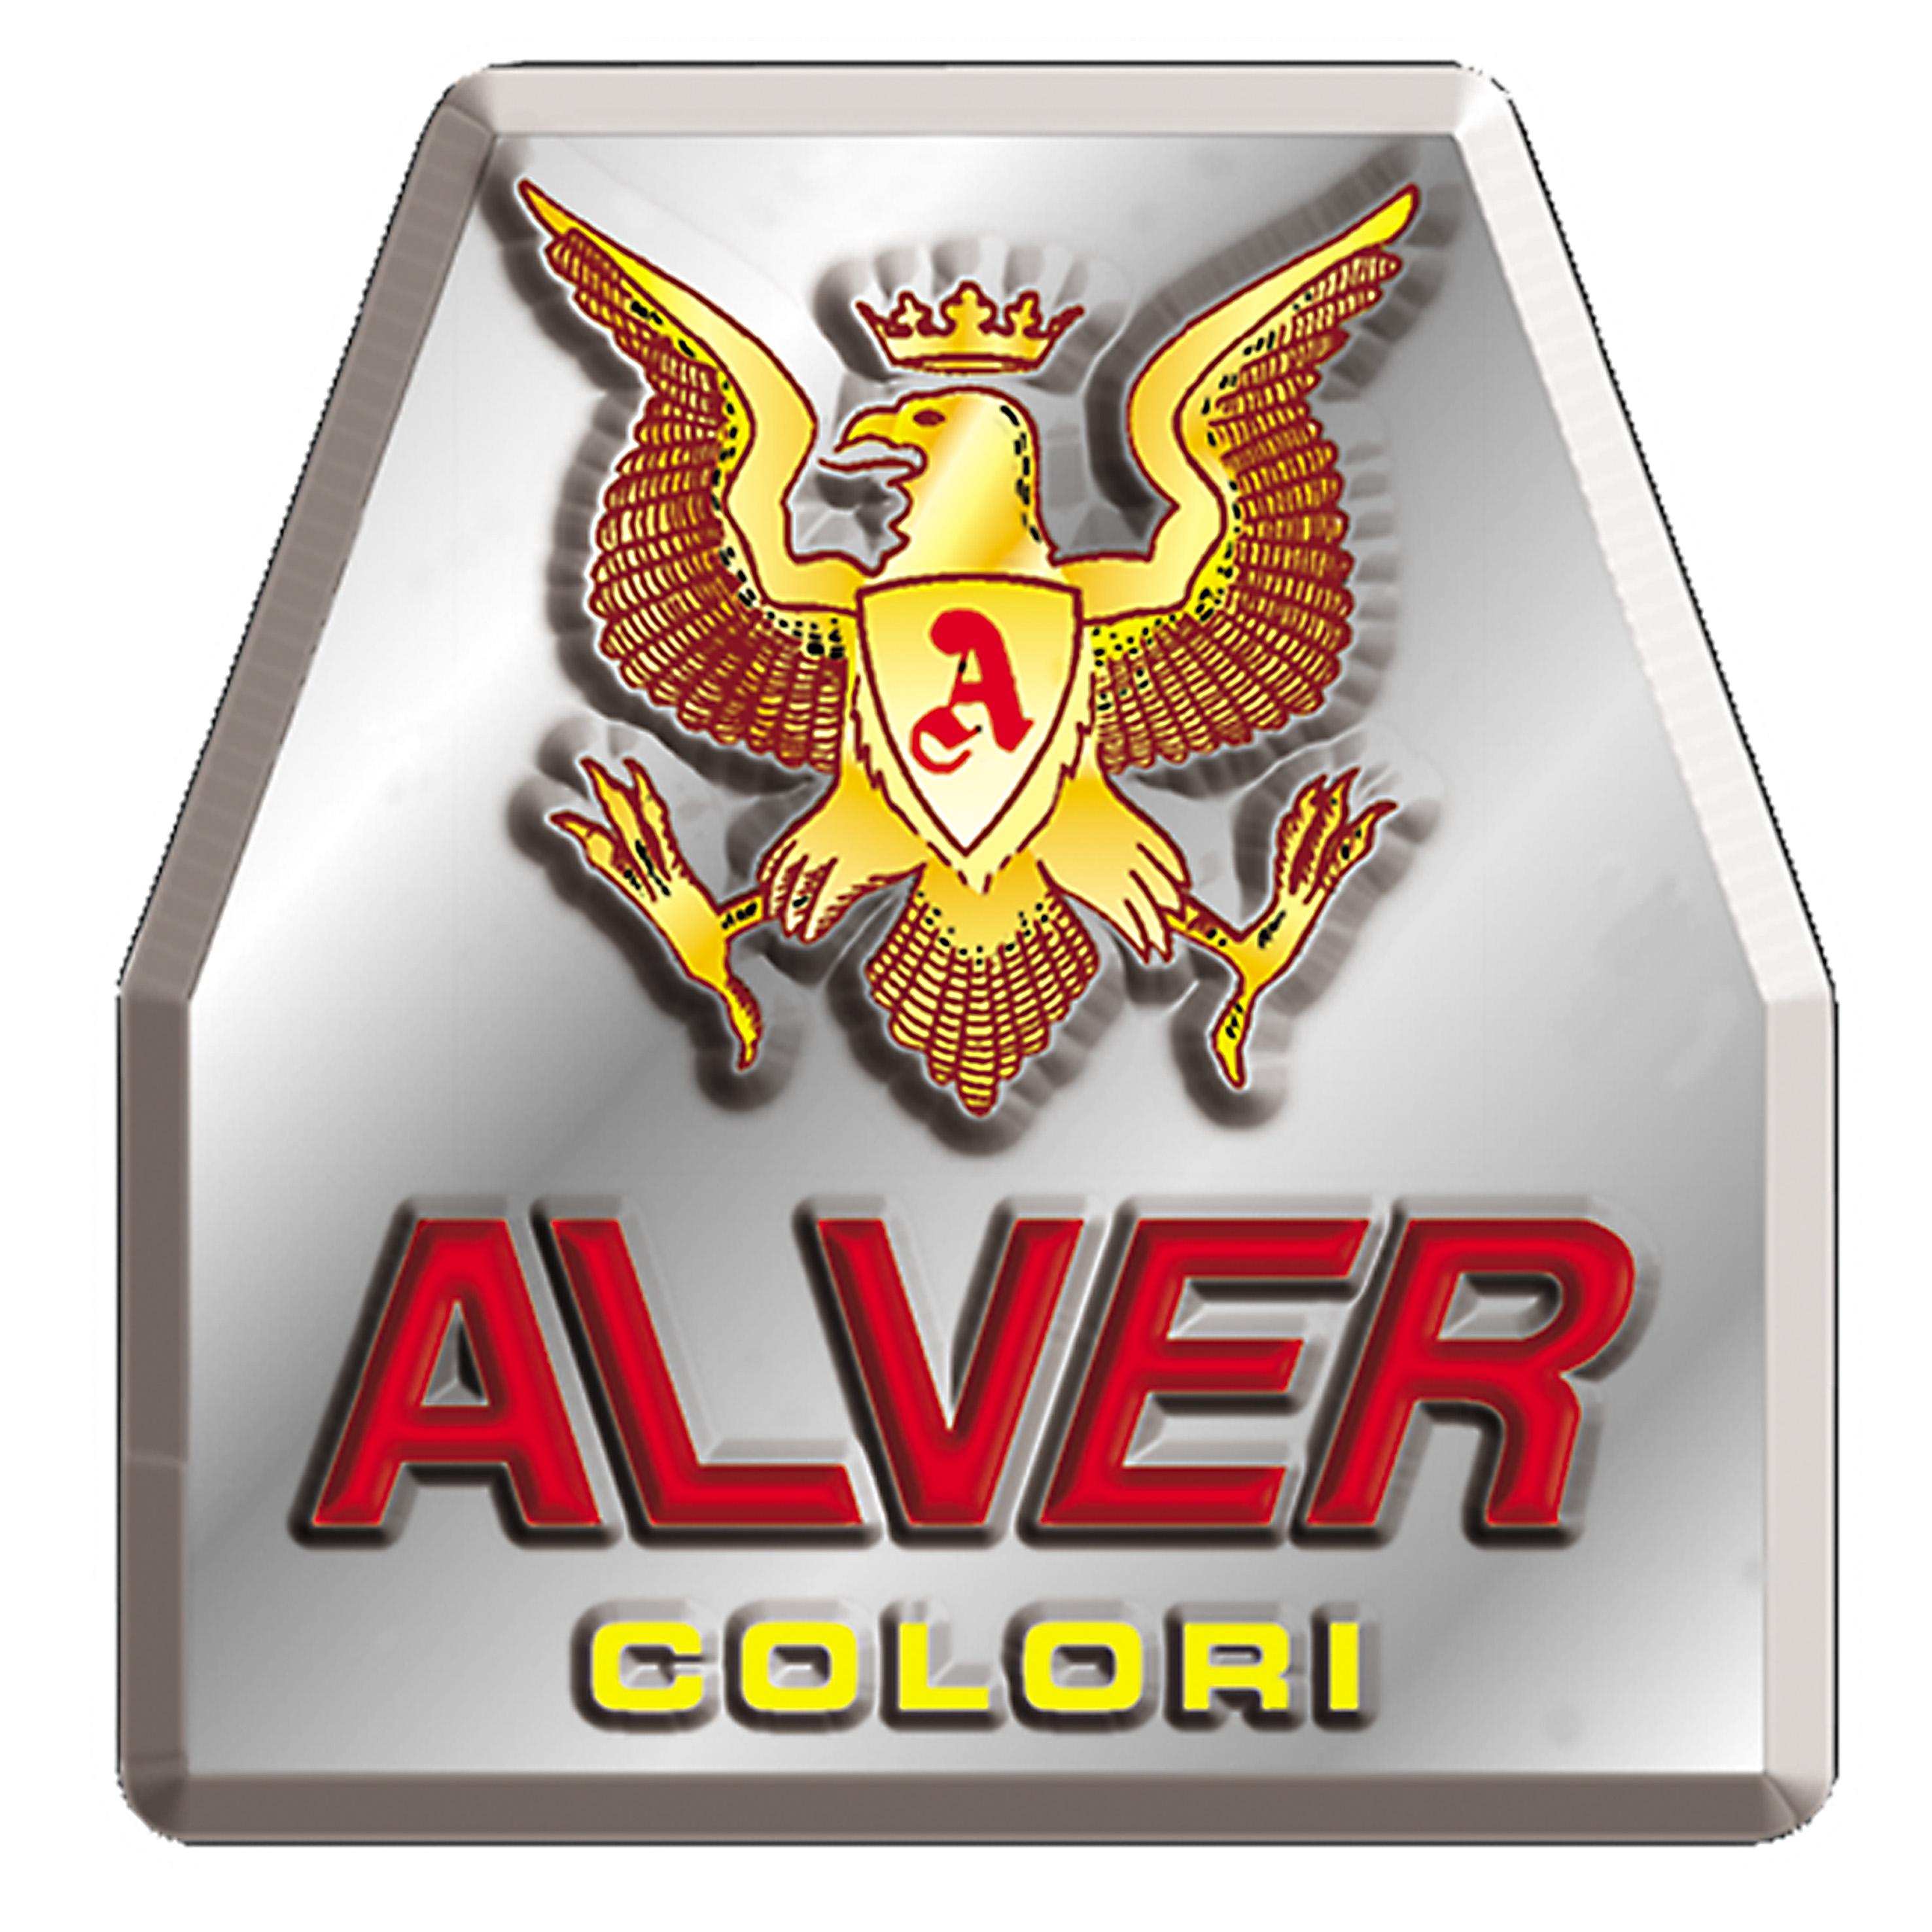 Alver Colori